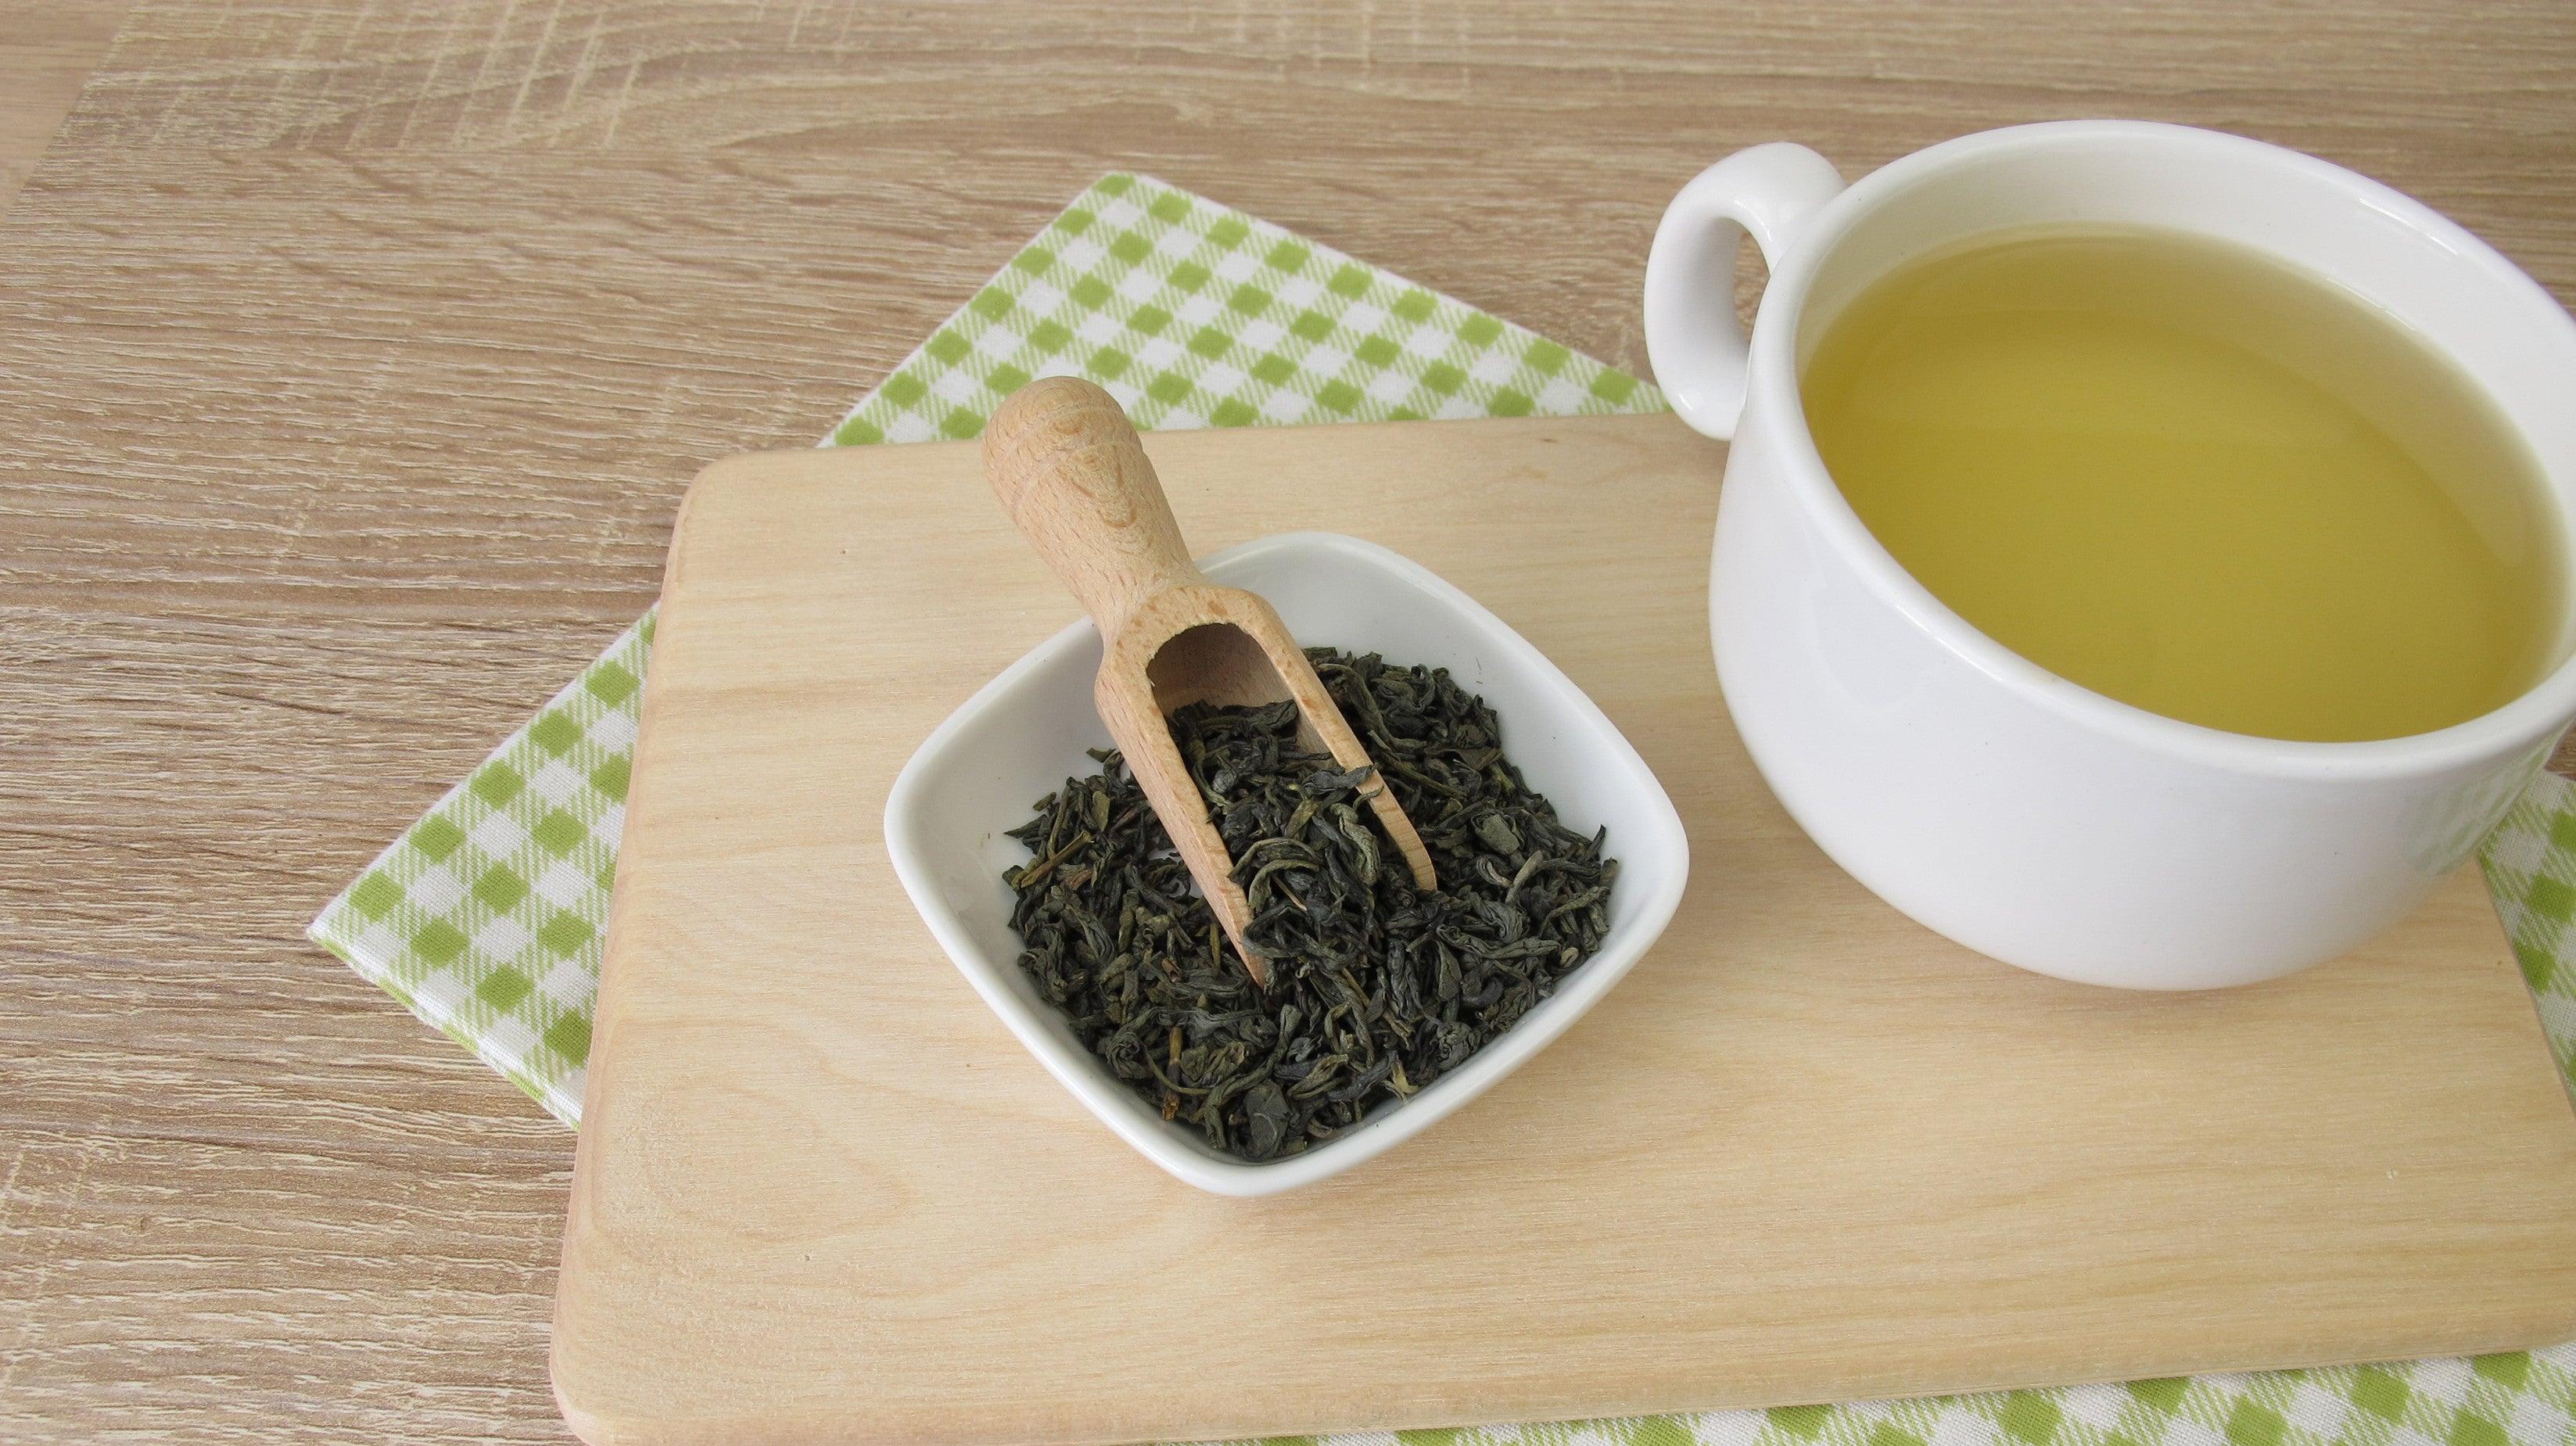 Lebensmittelbehörde warnt: Grüntee-Produkte können die Leber schädigen